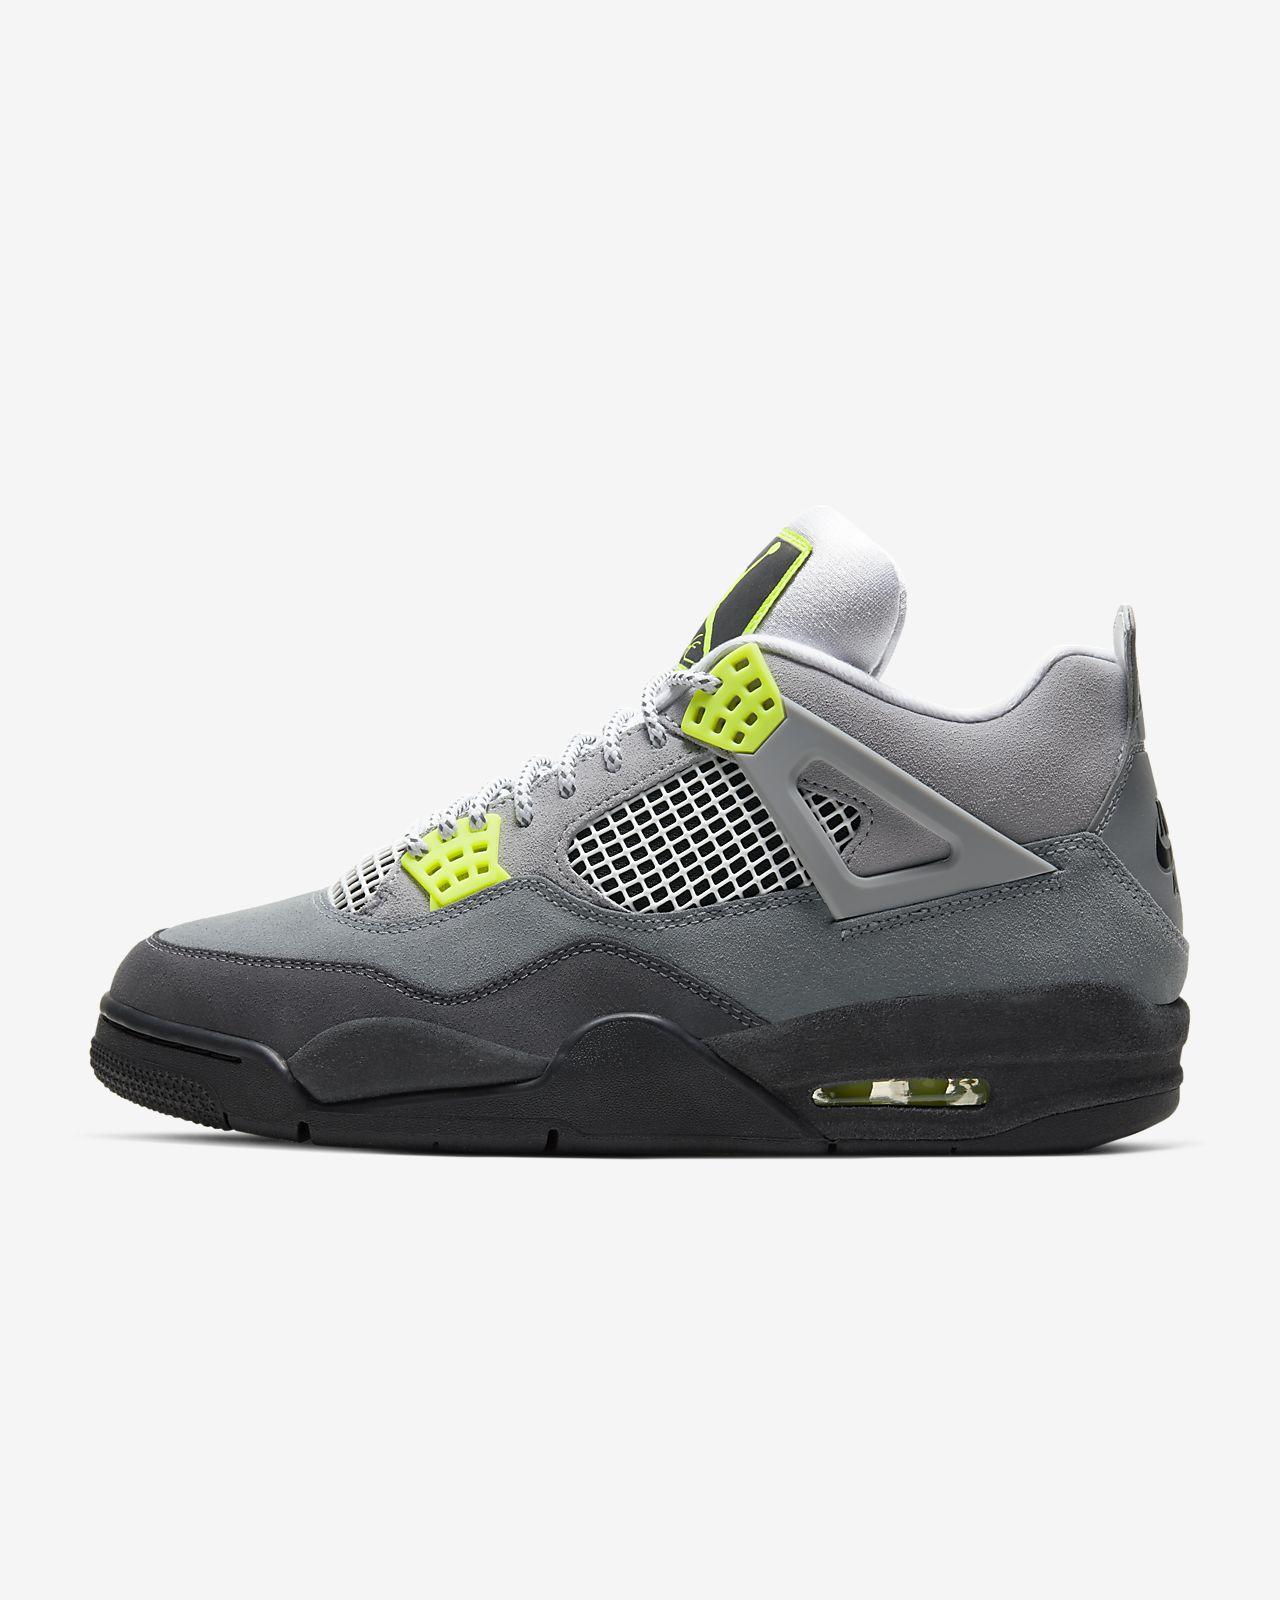 Nike Air Force One, Jordan Shoes Michael Jordan Shoes